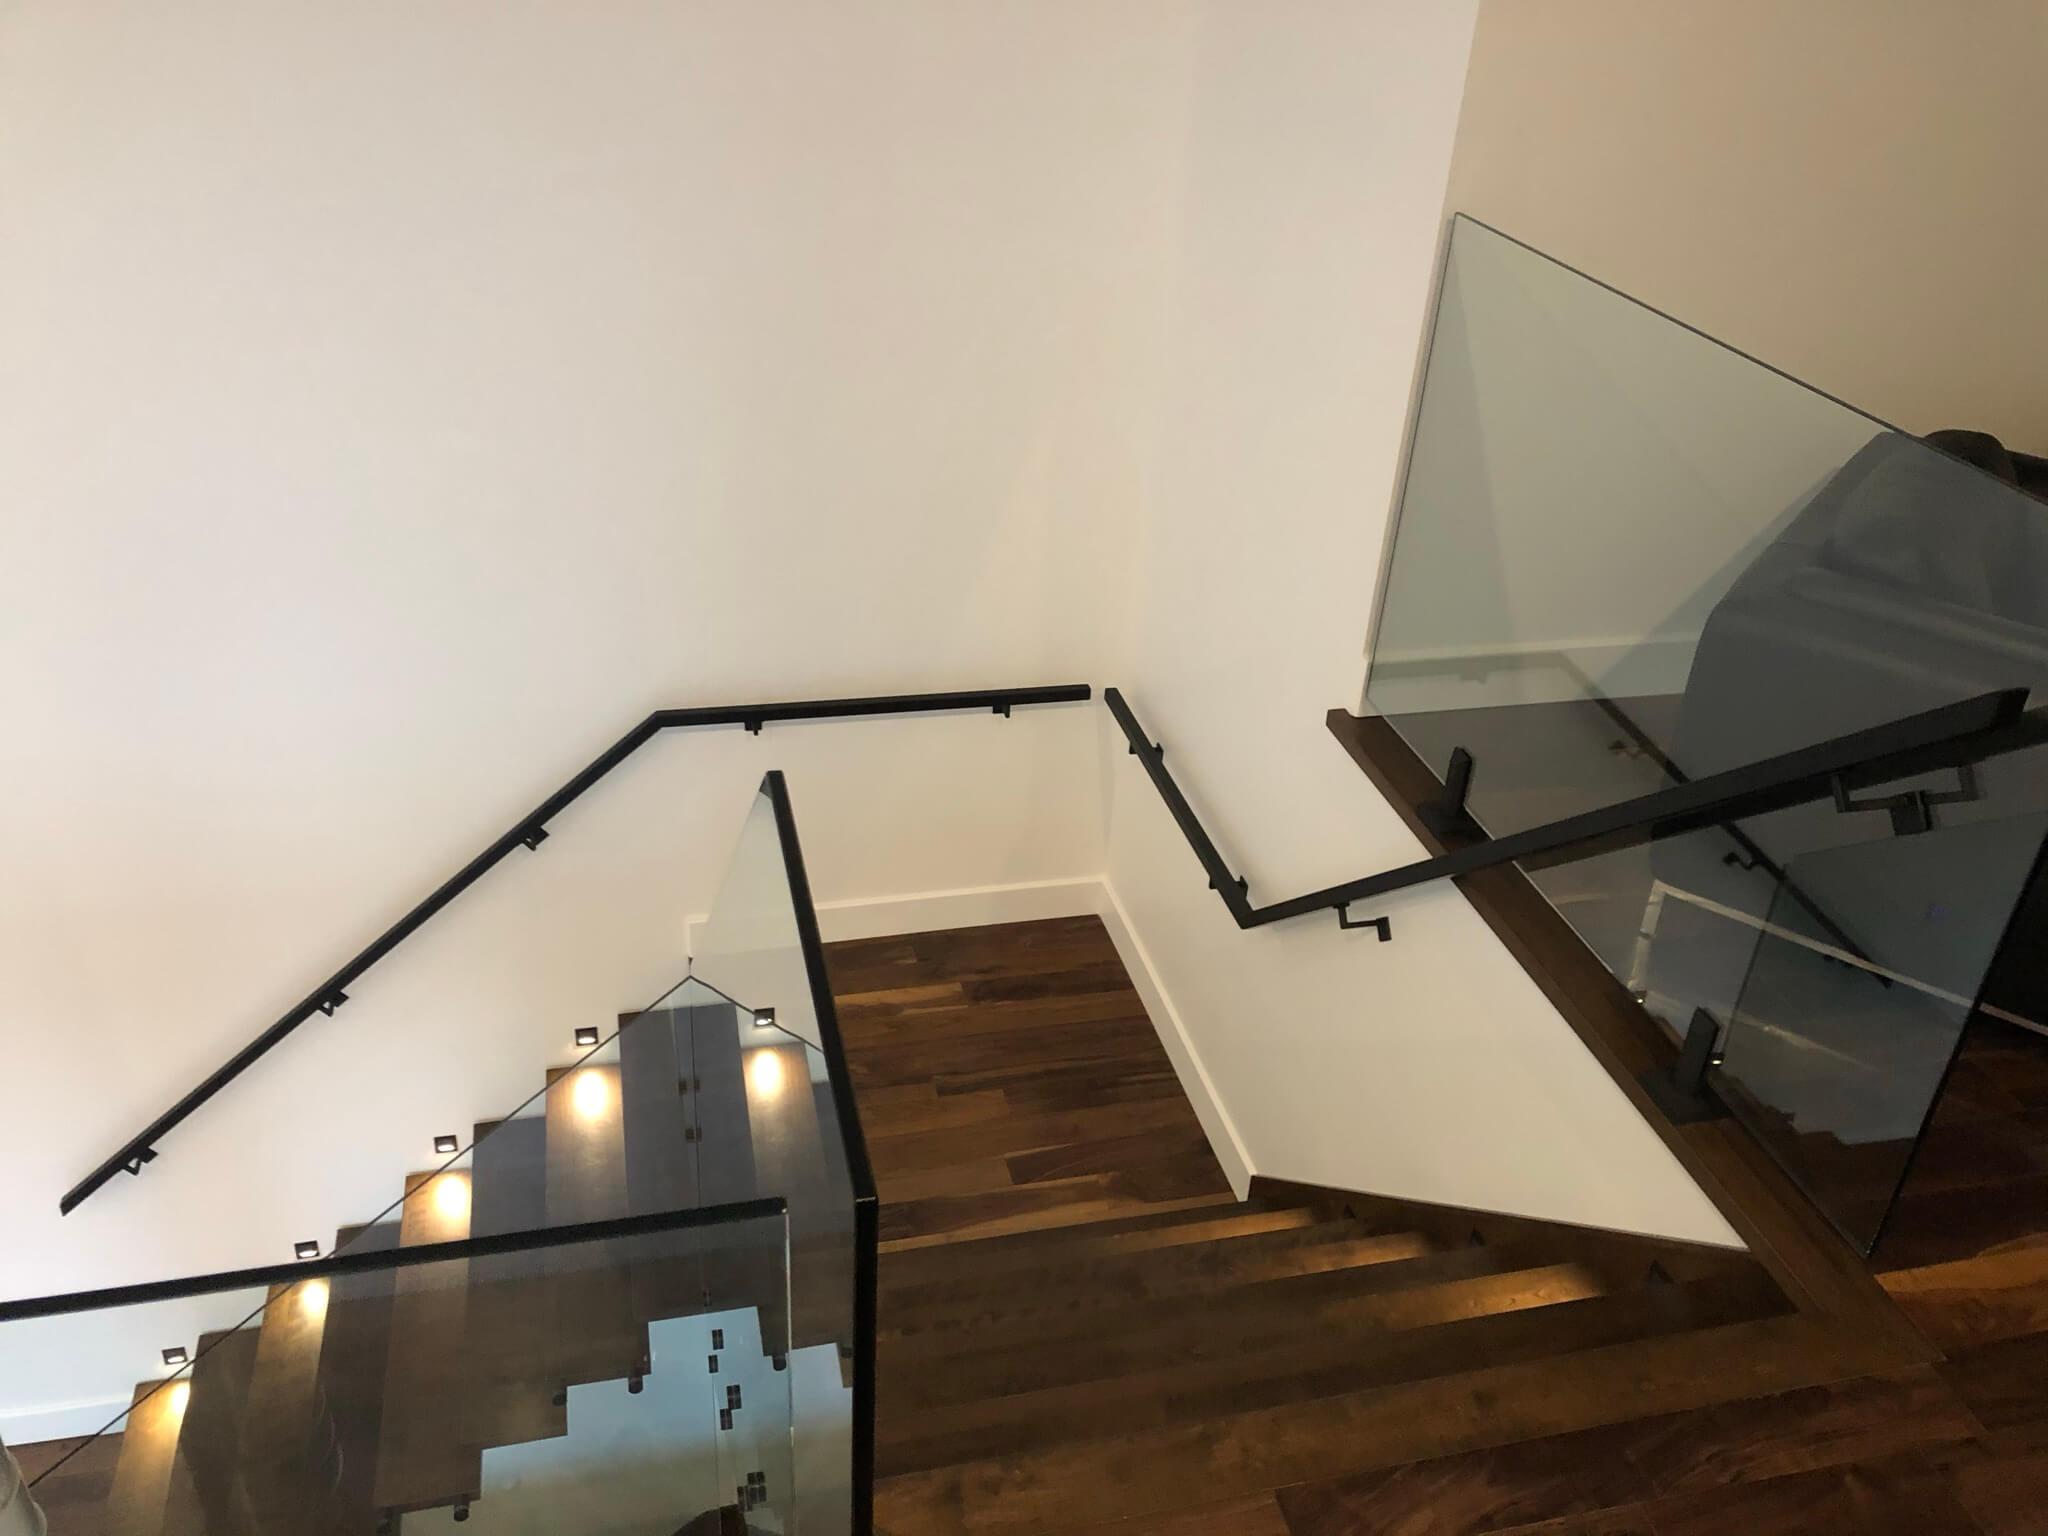 Escalier rampe en verre - Lorraine - 10